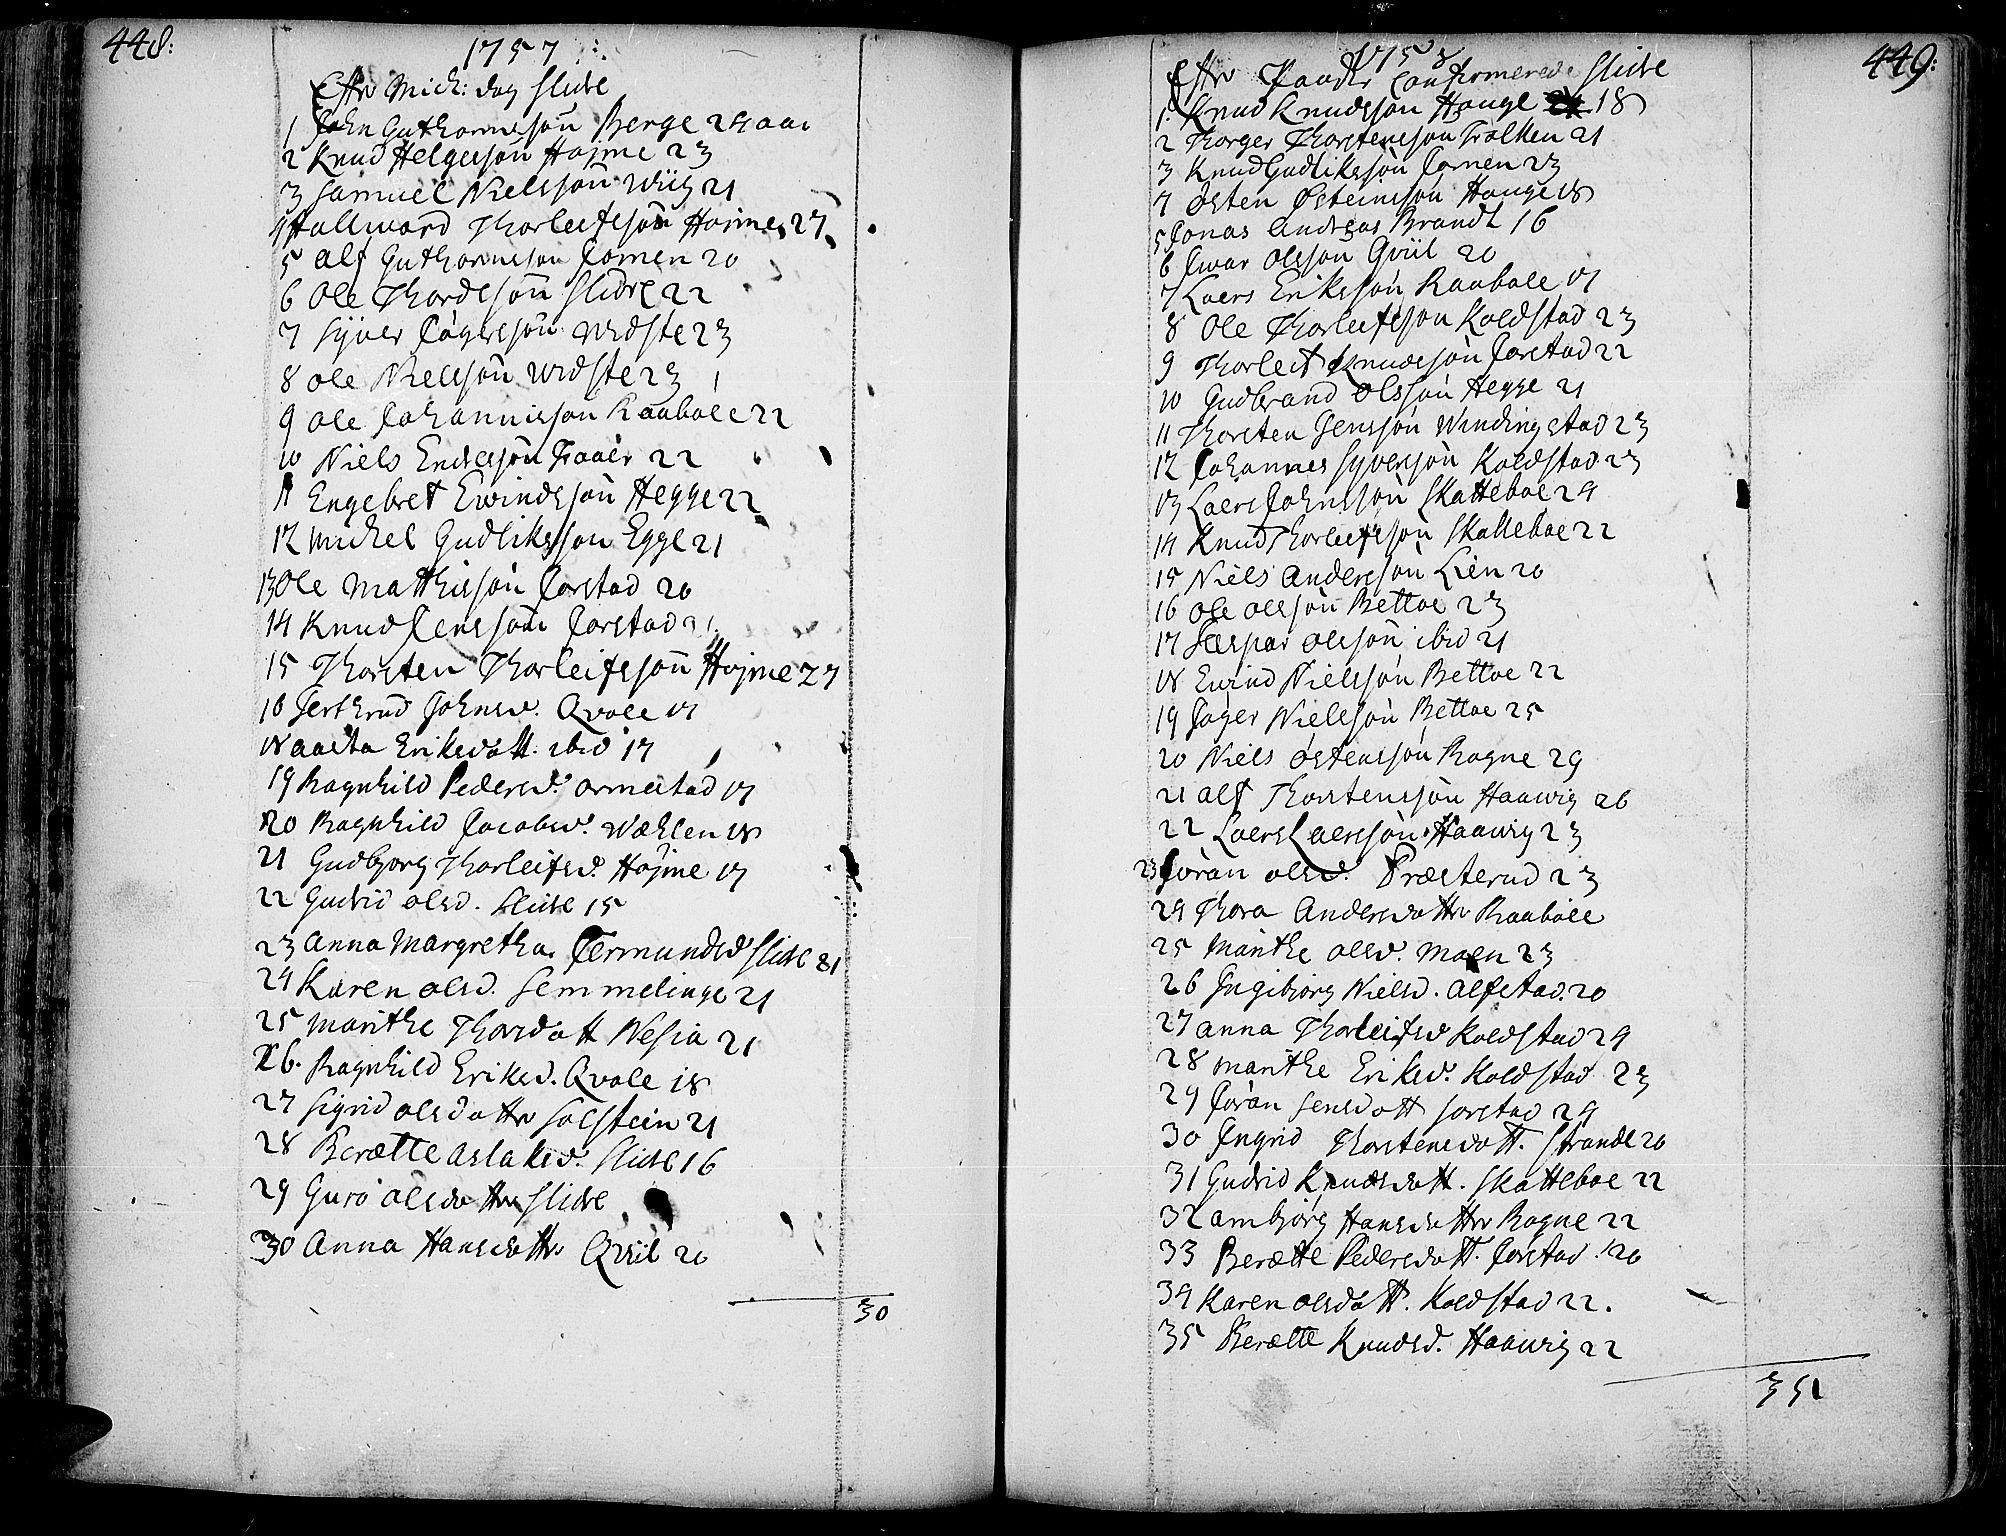 SAH, Slidre prestekontor, Ministerialbok nr. 1, 1724-1814, s. 448-449